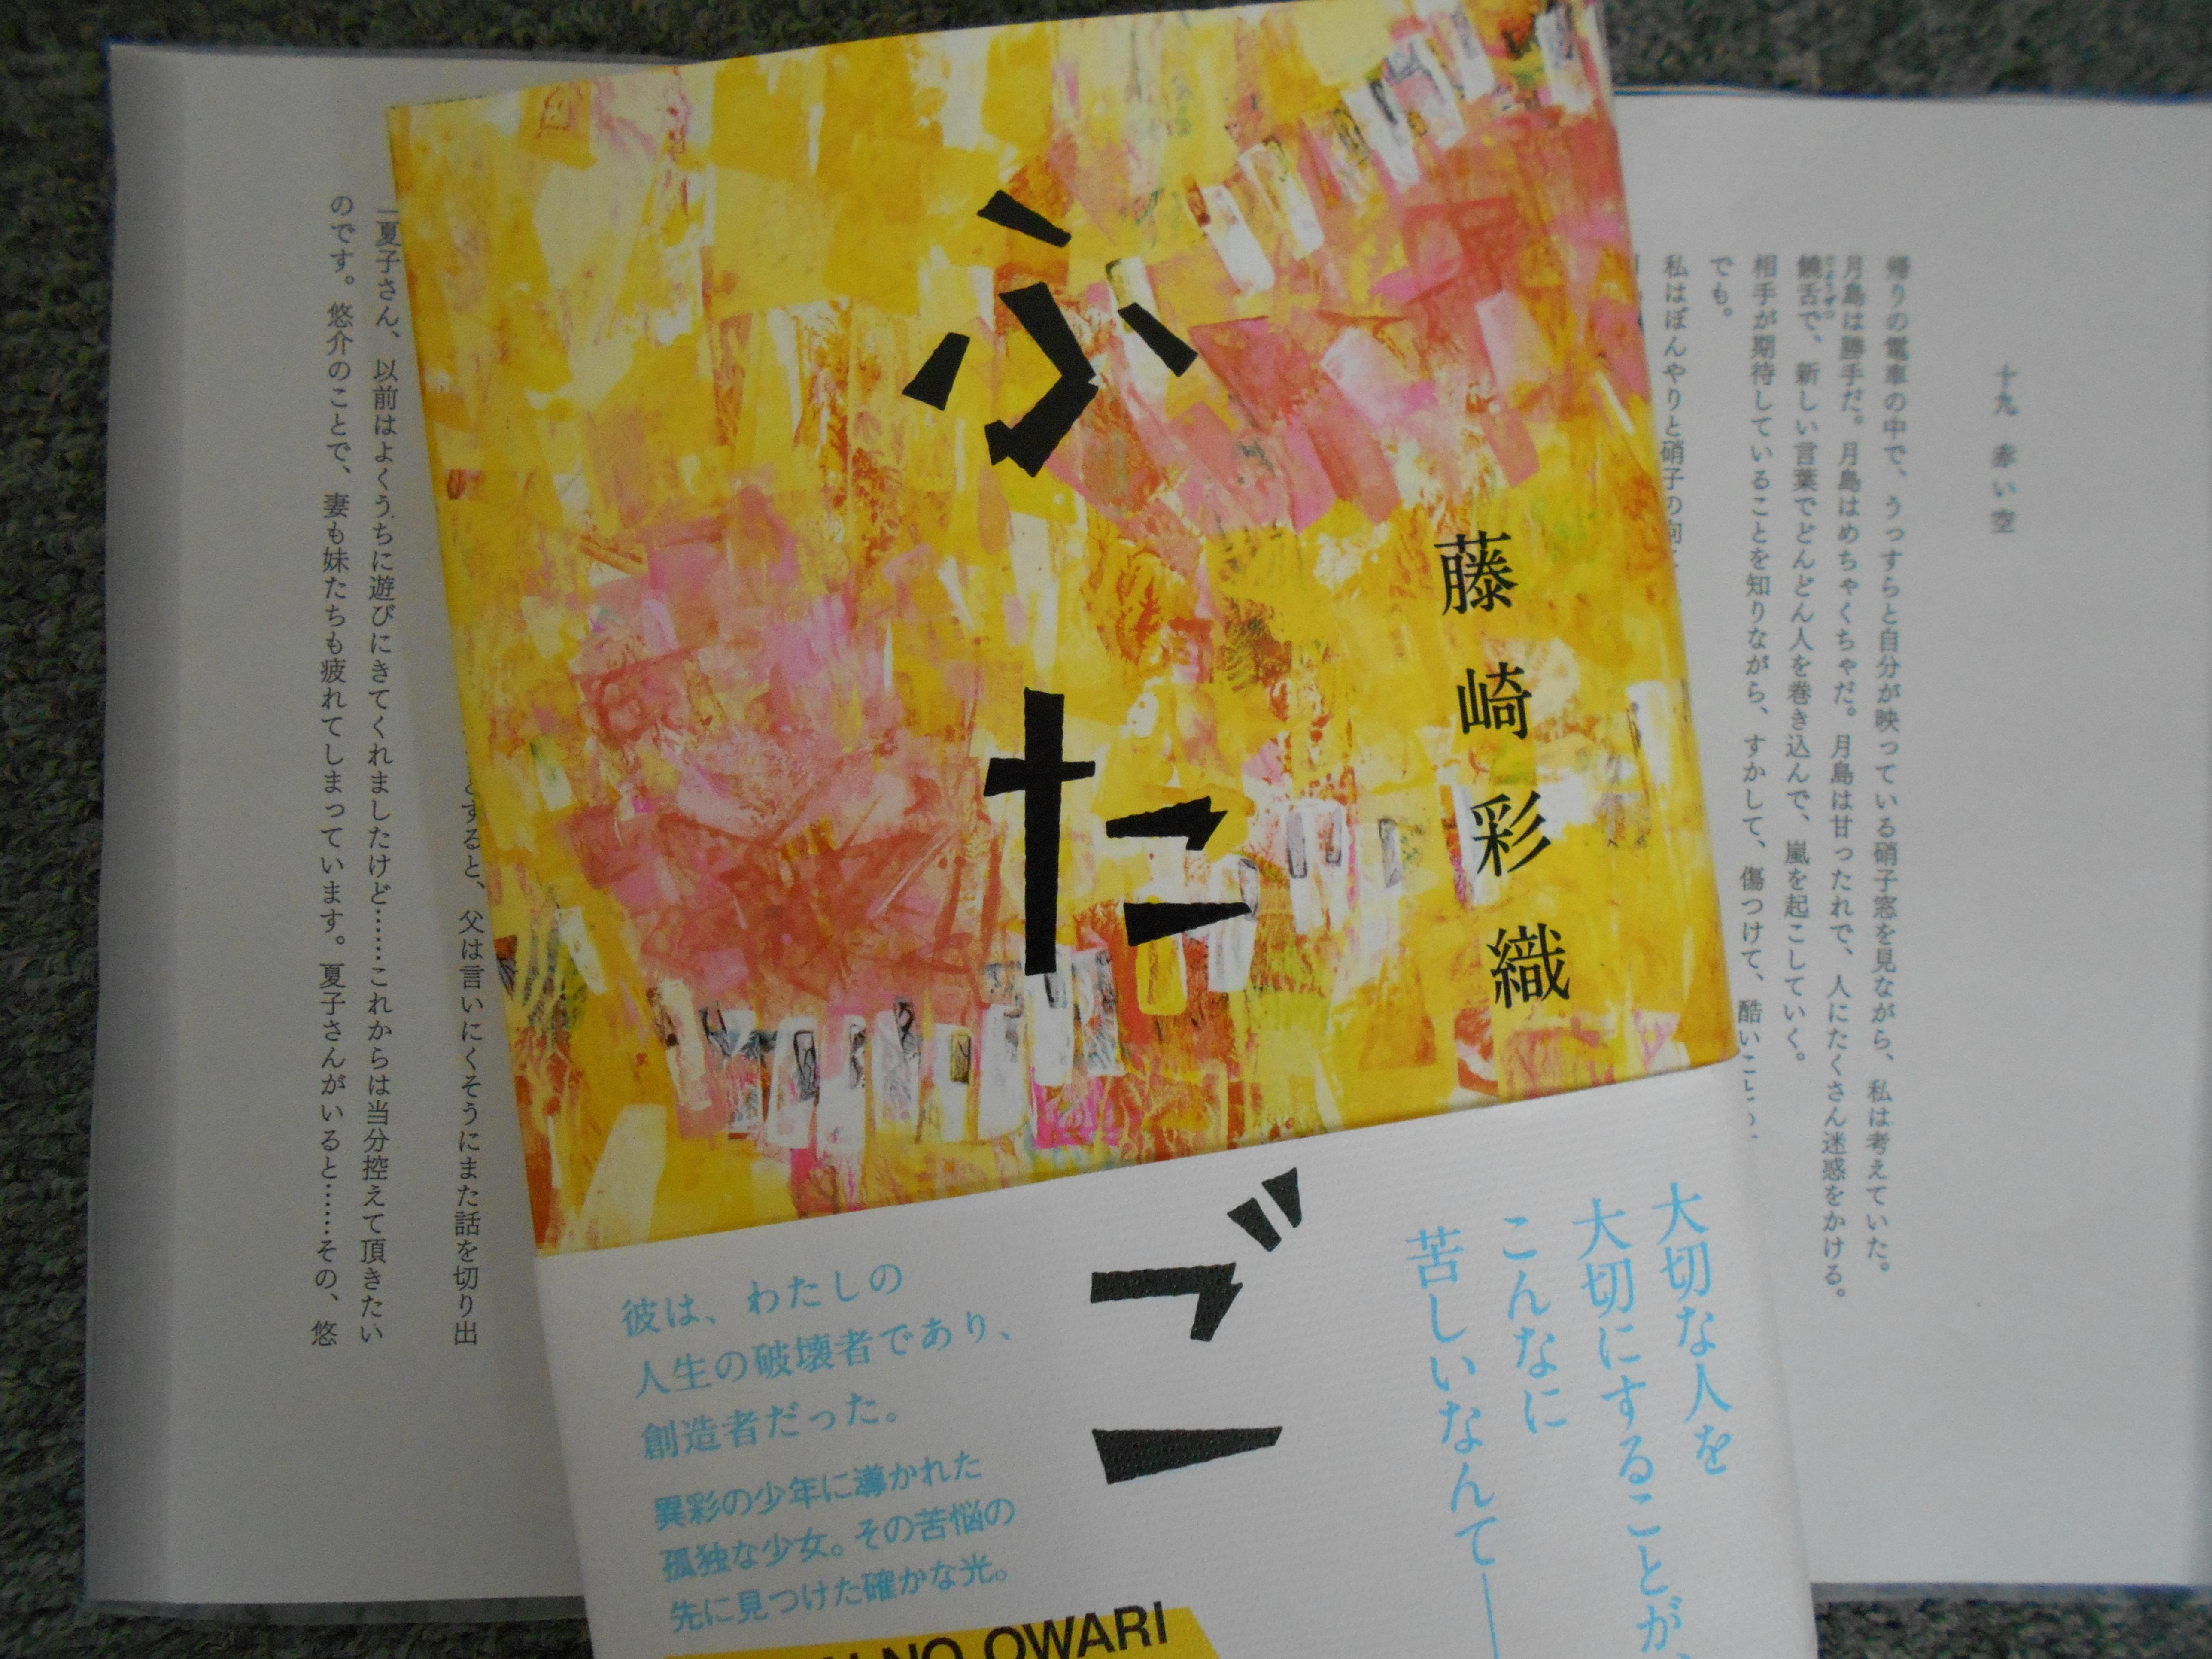 「SEKAI NO OWARI」藤崎さんの直木賞ノミネートが持つ意味の大きさ